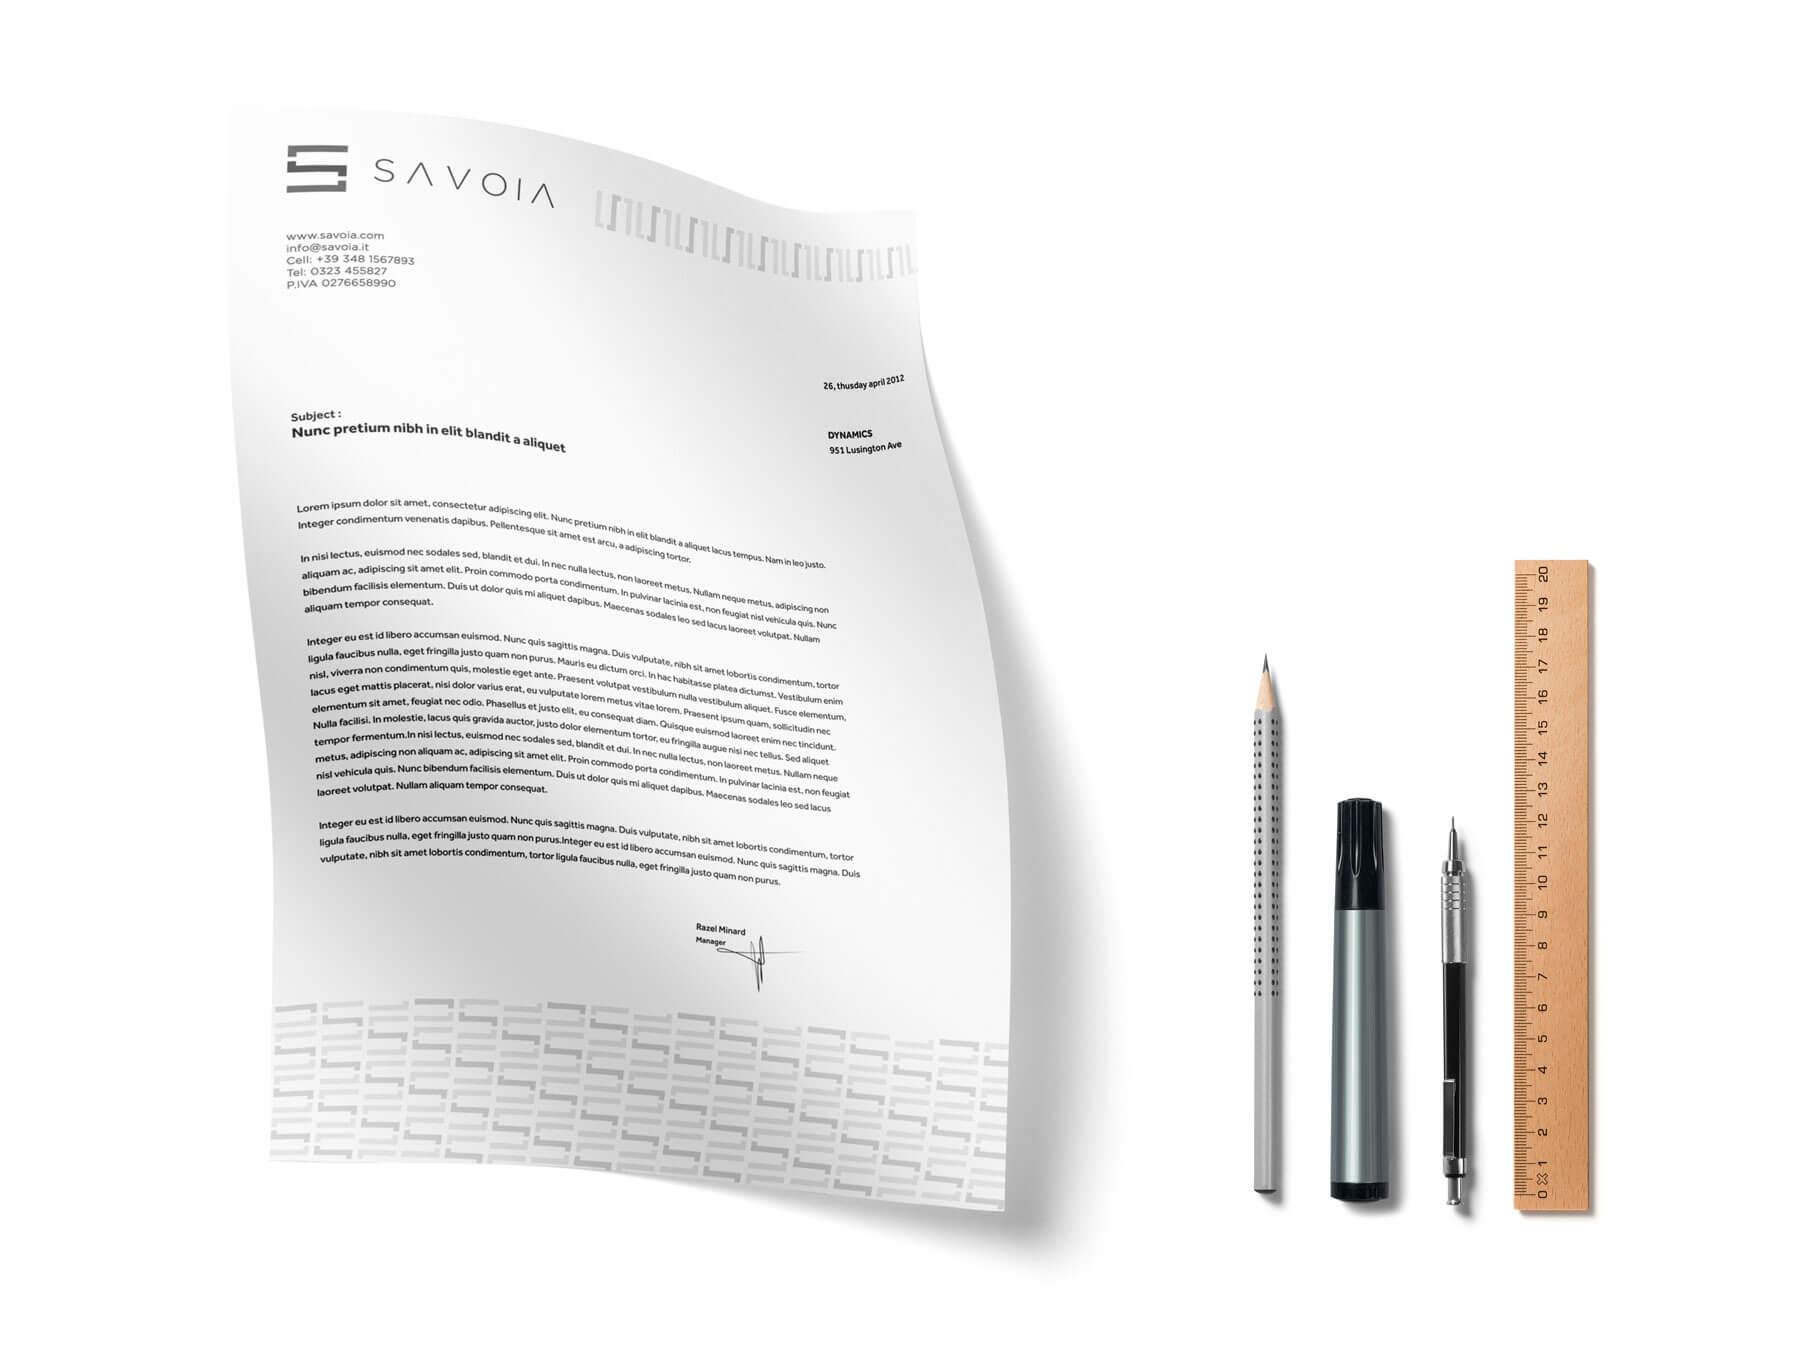 sulla sinistra carta intestata con logo e brand identity design di savoia e sulla destra tre penne e un righello. tutto su sfondo bianco.